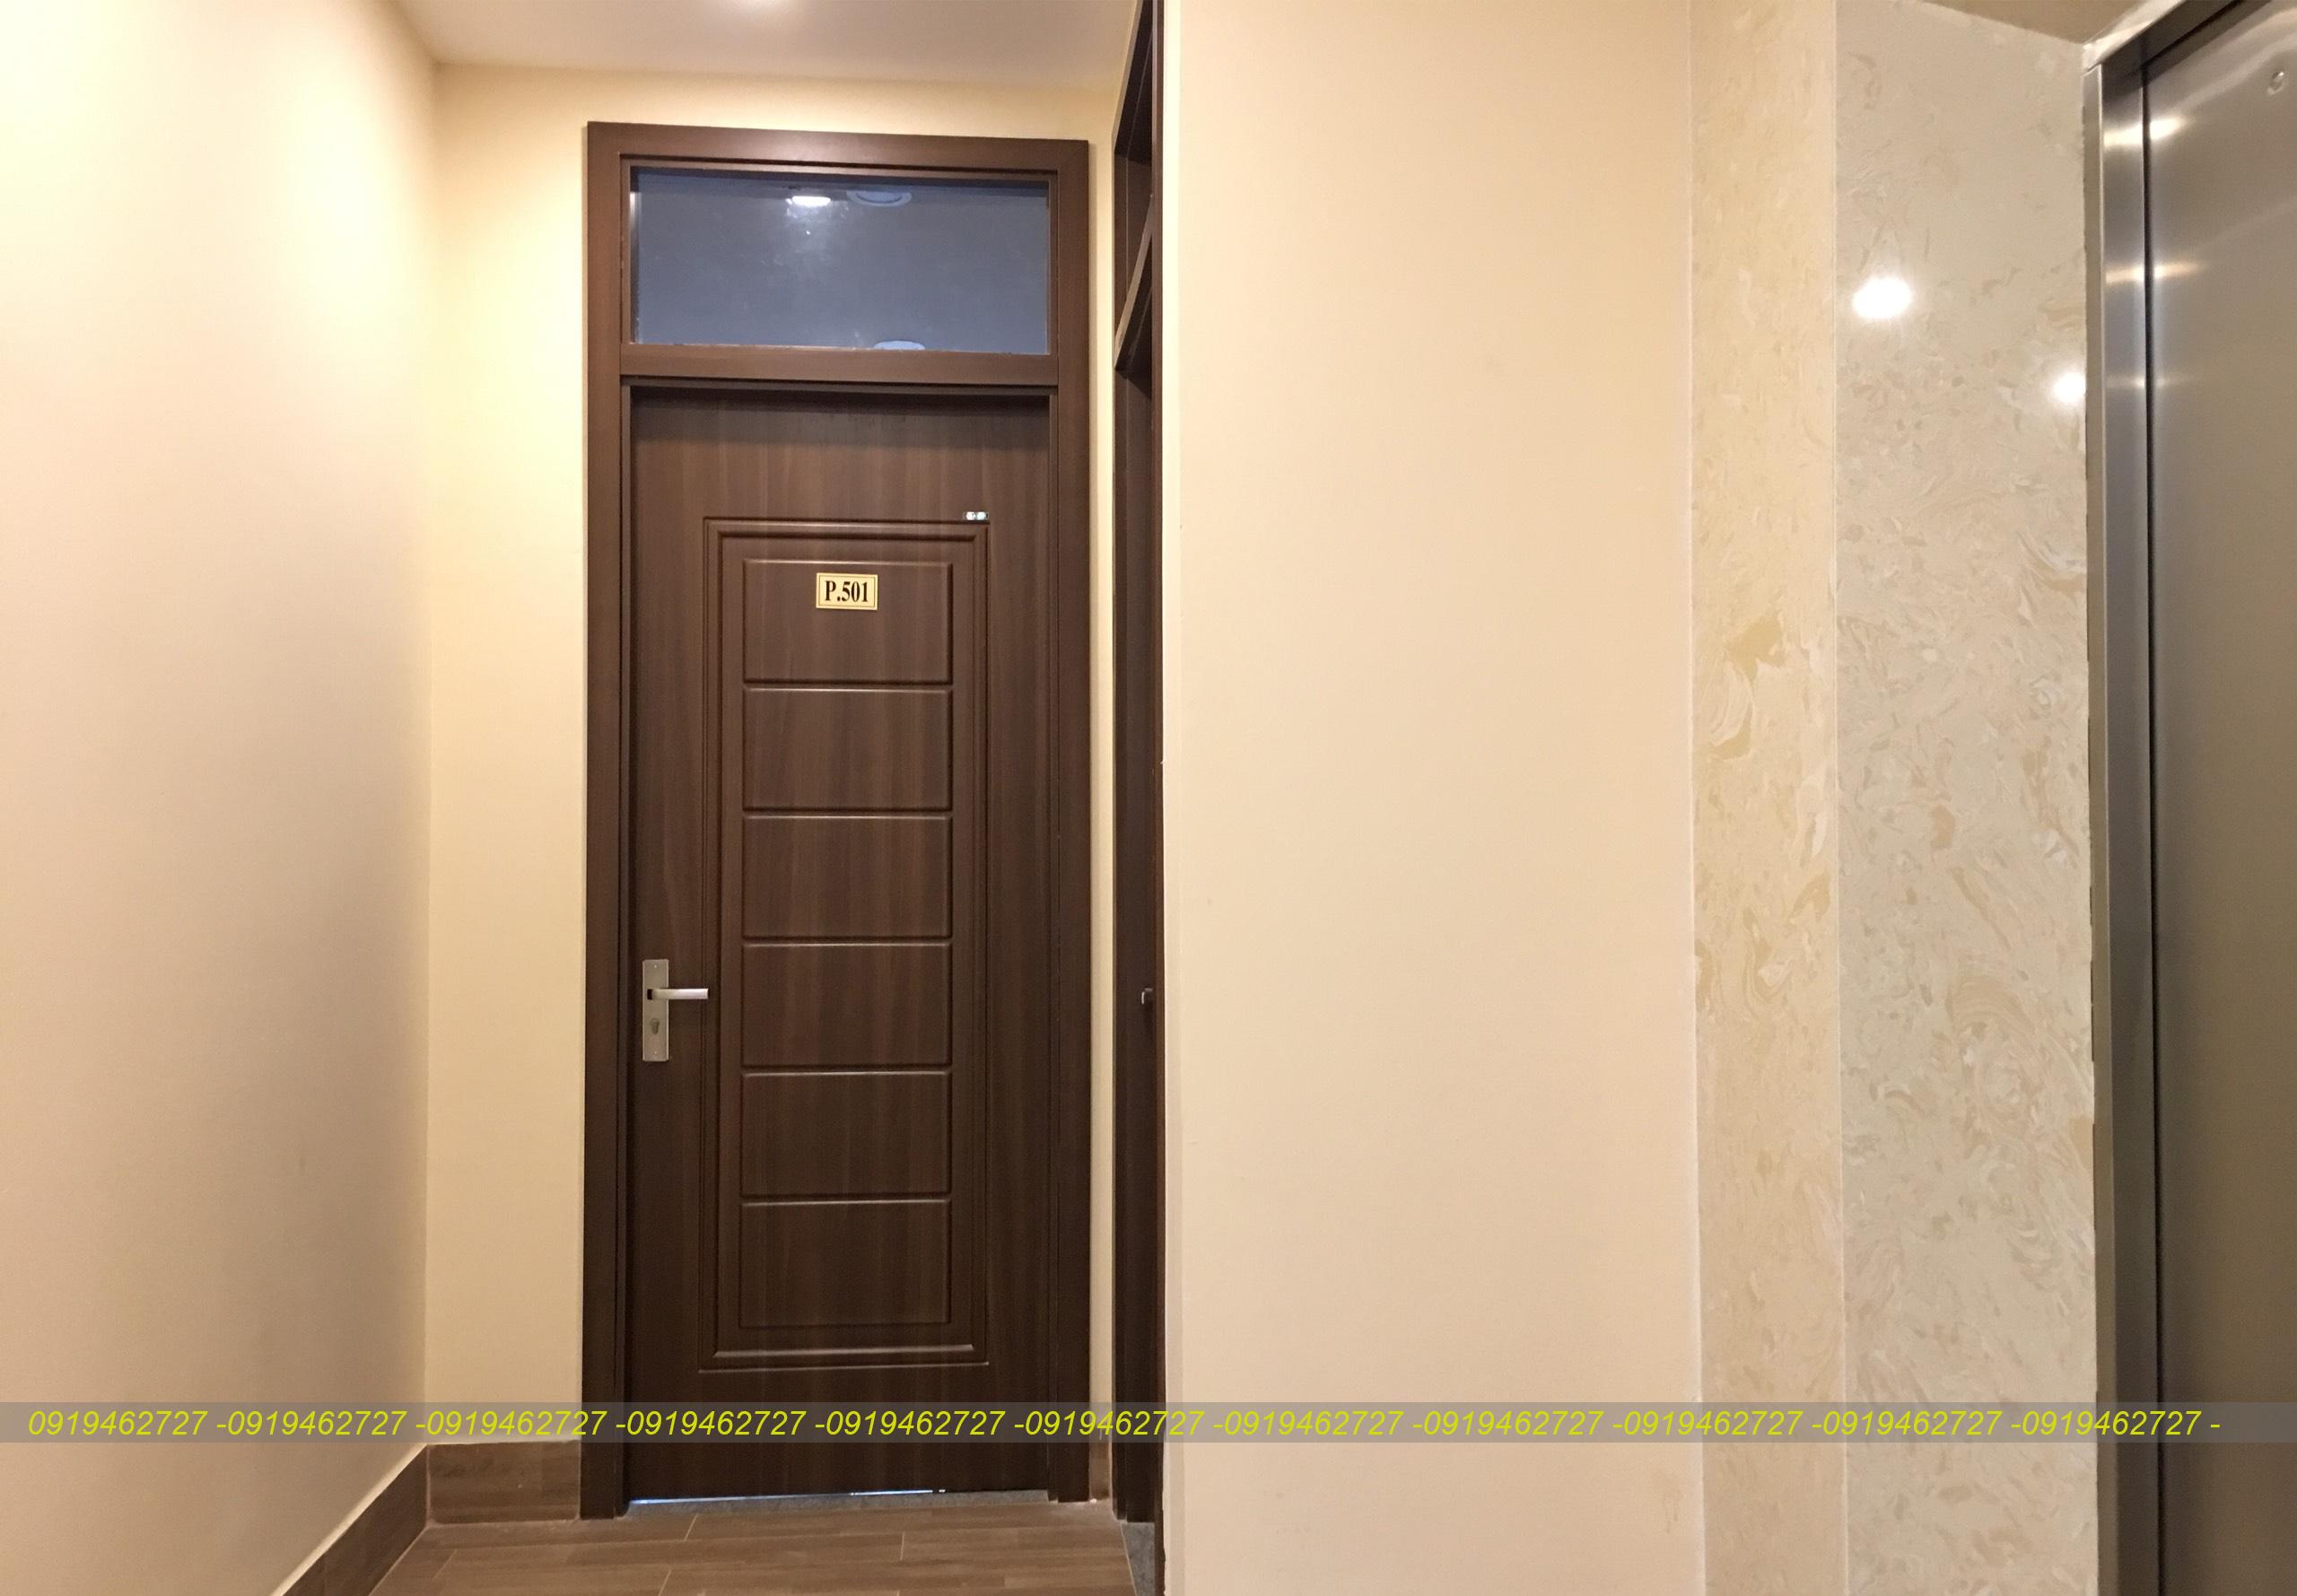 Cửa nhựa ABS Hàn Quốc mẫu đẹp cho khách sạn